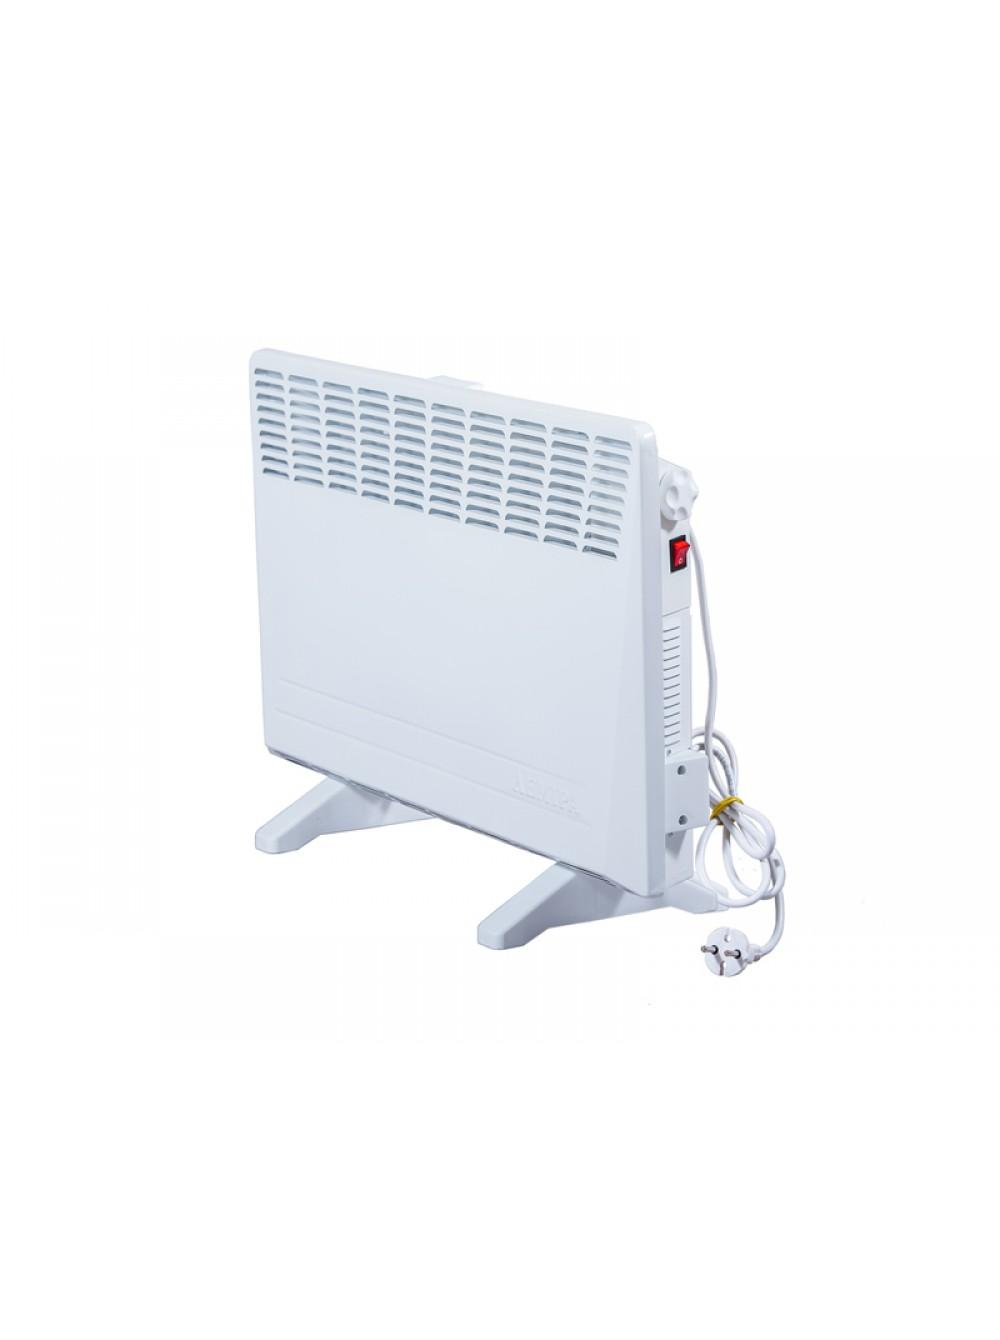 Влагозащищенные конвекторы ADAX серия VPS - Термомаркет